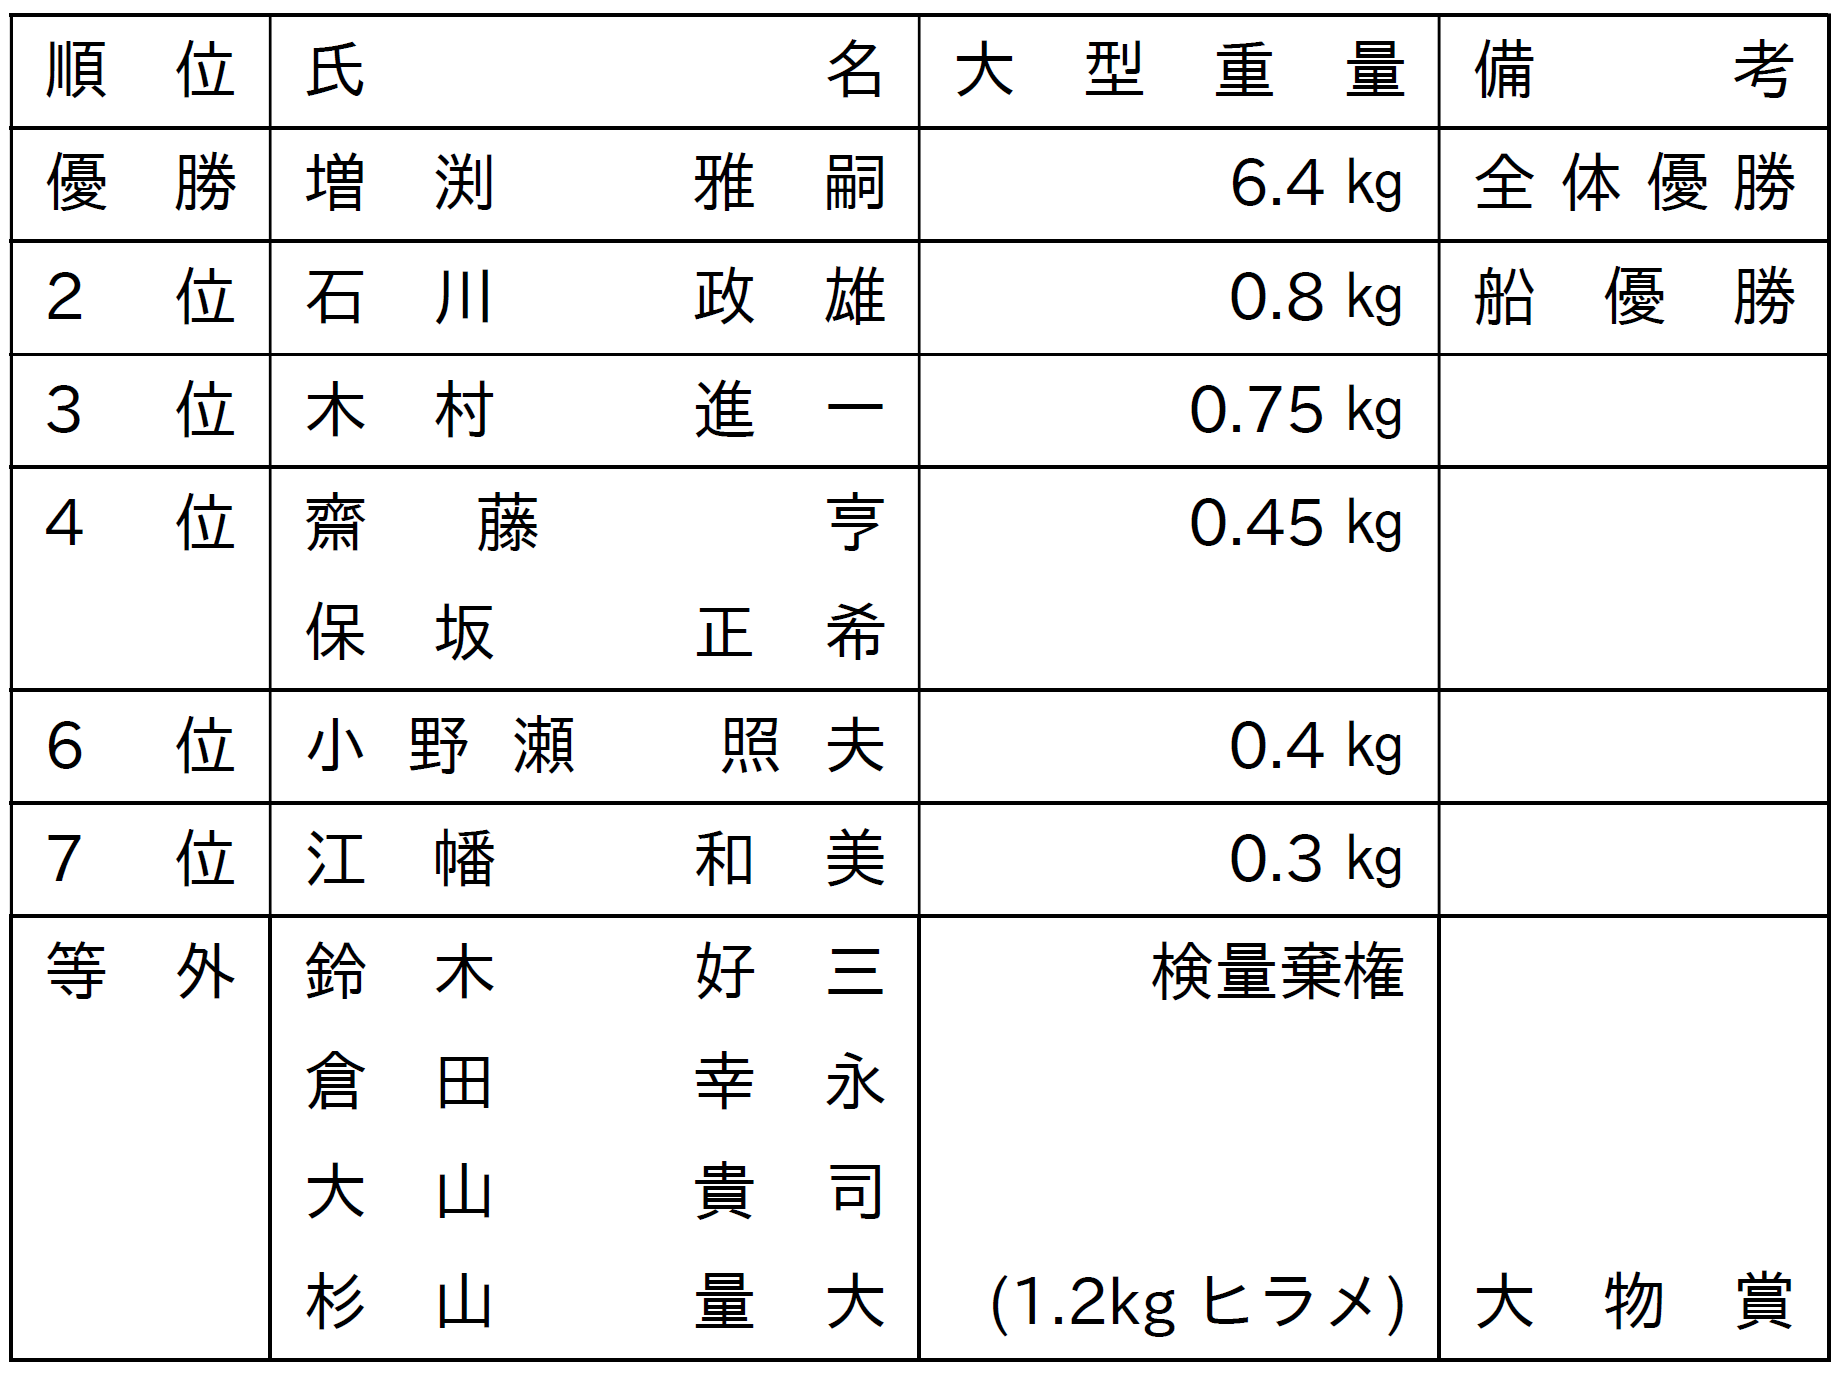 H30真鯛釣り大会表